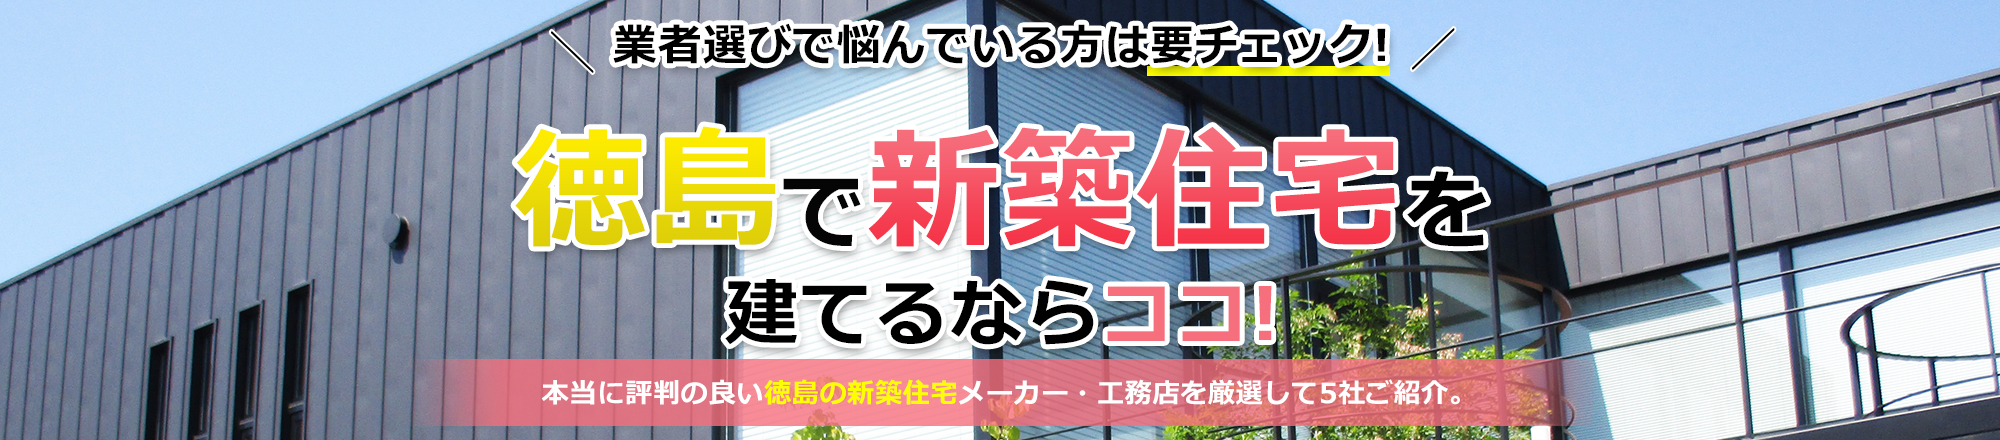 徳島の新築住宅